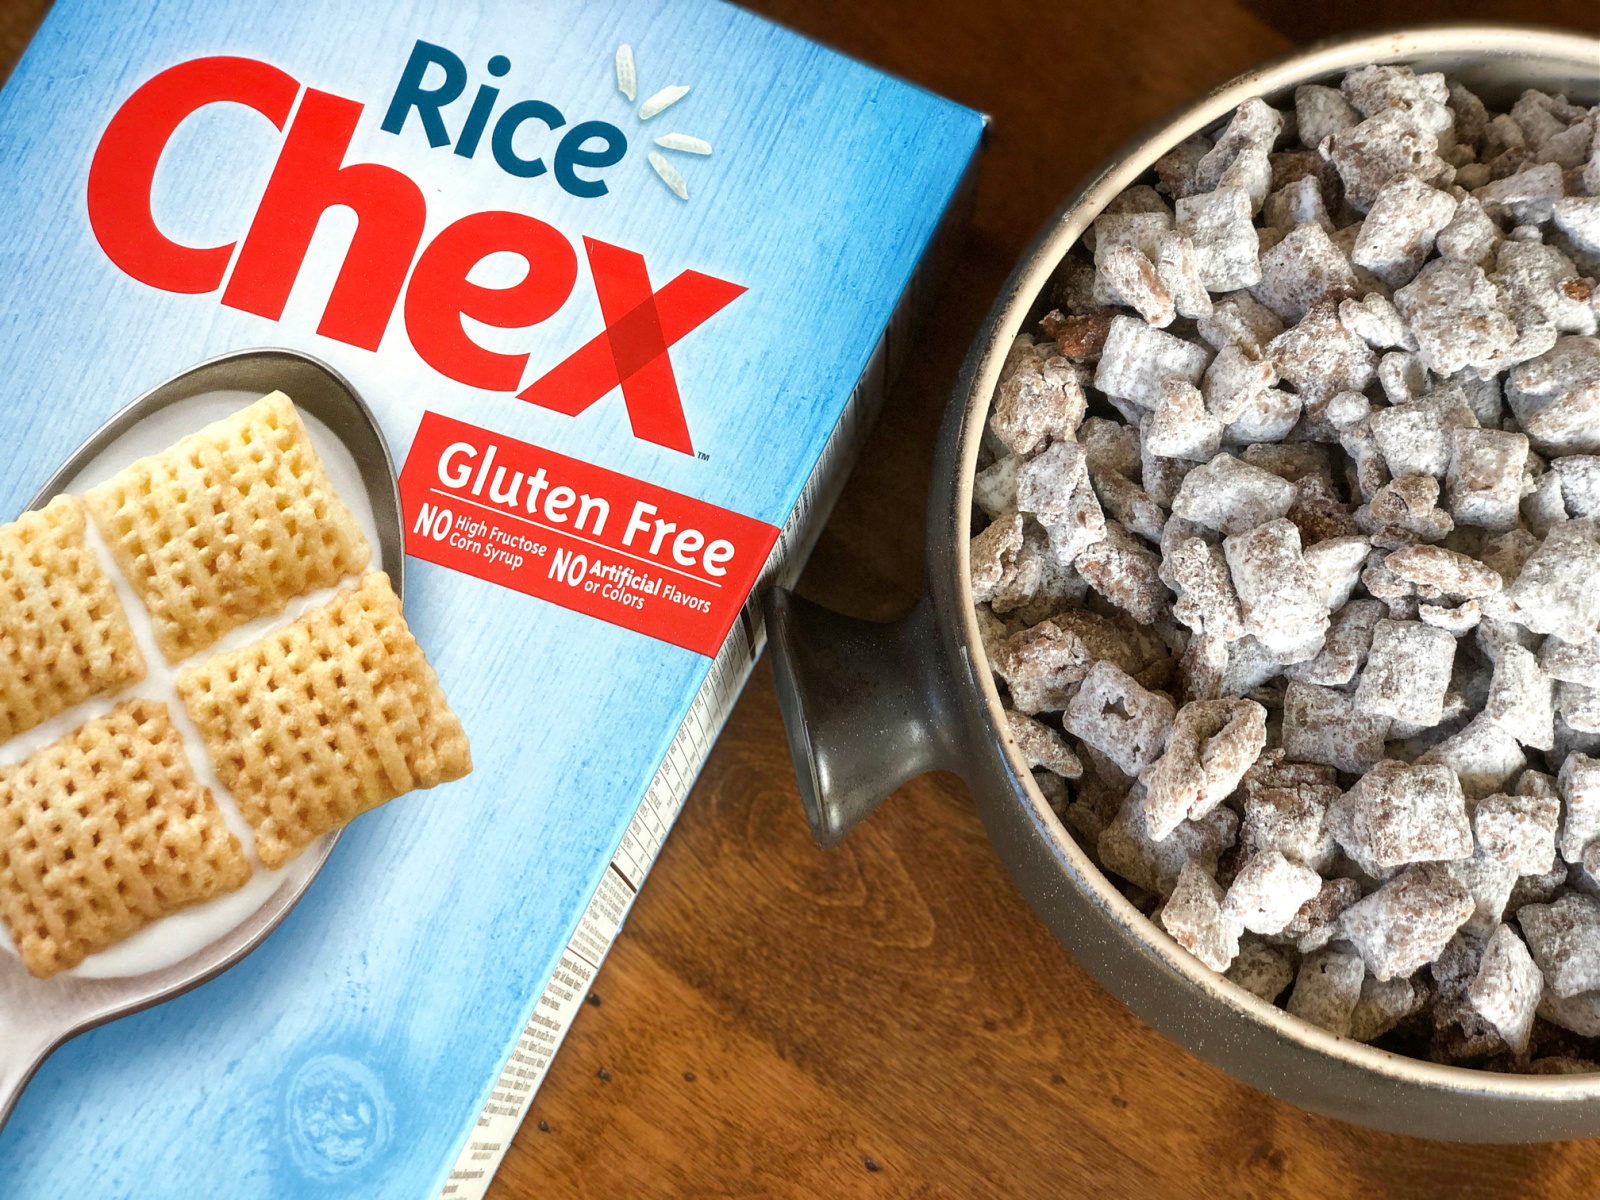 Chex Cereal Just $1.50 Per Box At Publix on I Heart Publix 6